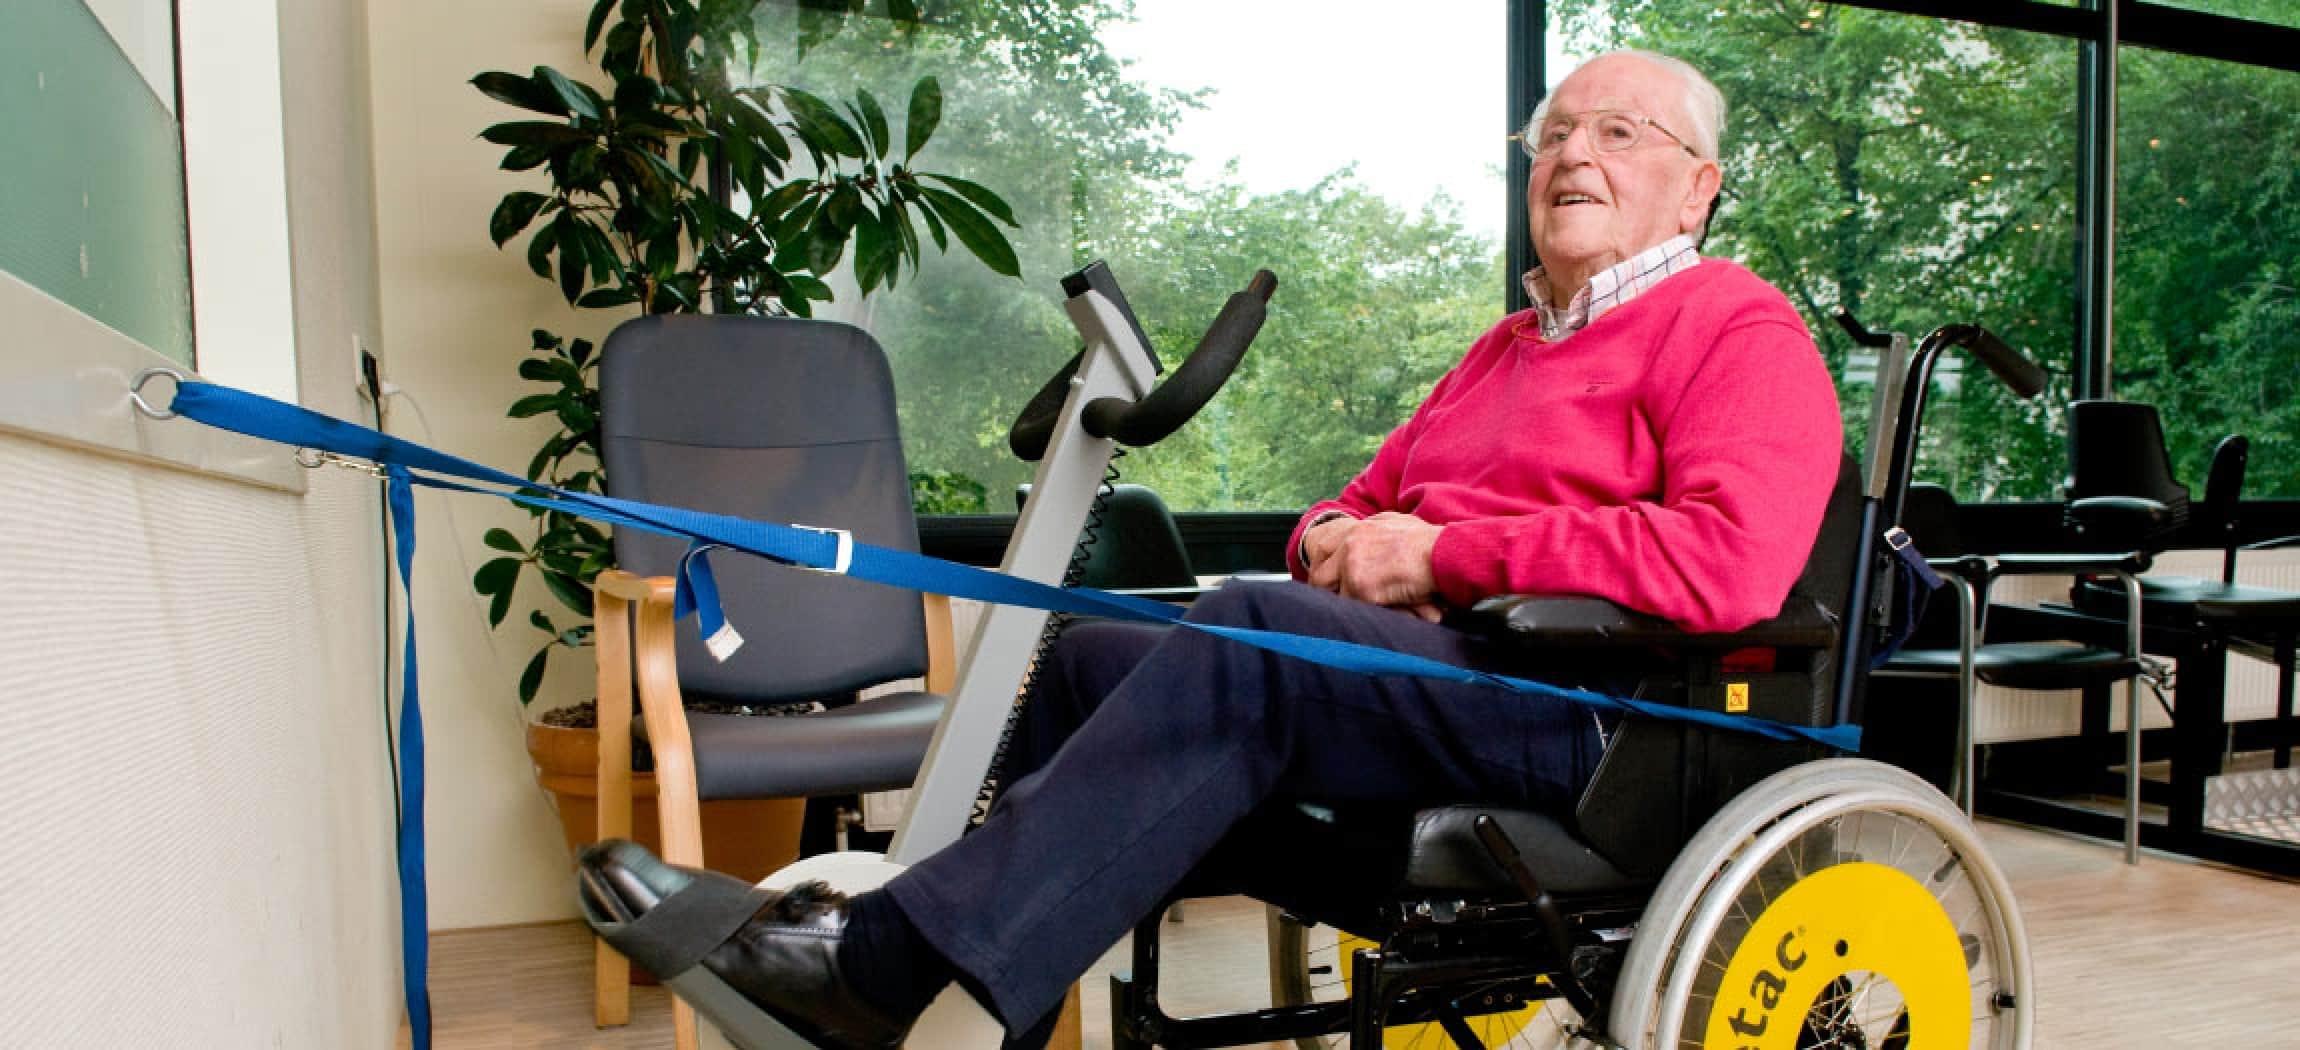 Blauwe trekband houdt rolstoel vast zodat man de fietstrainer kan gebruiken